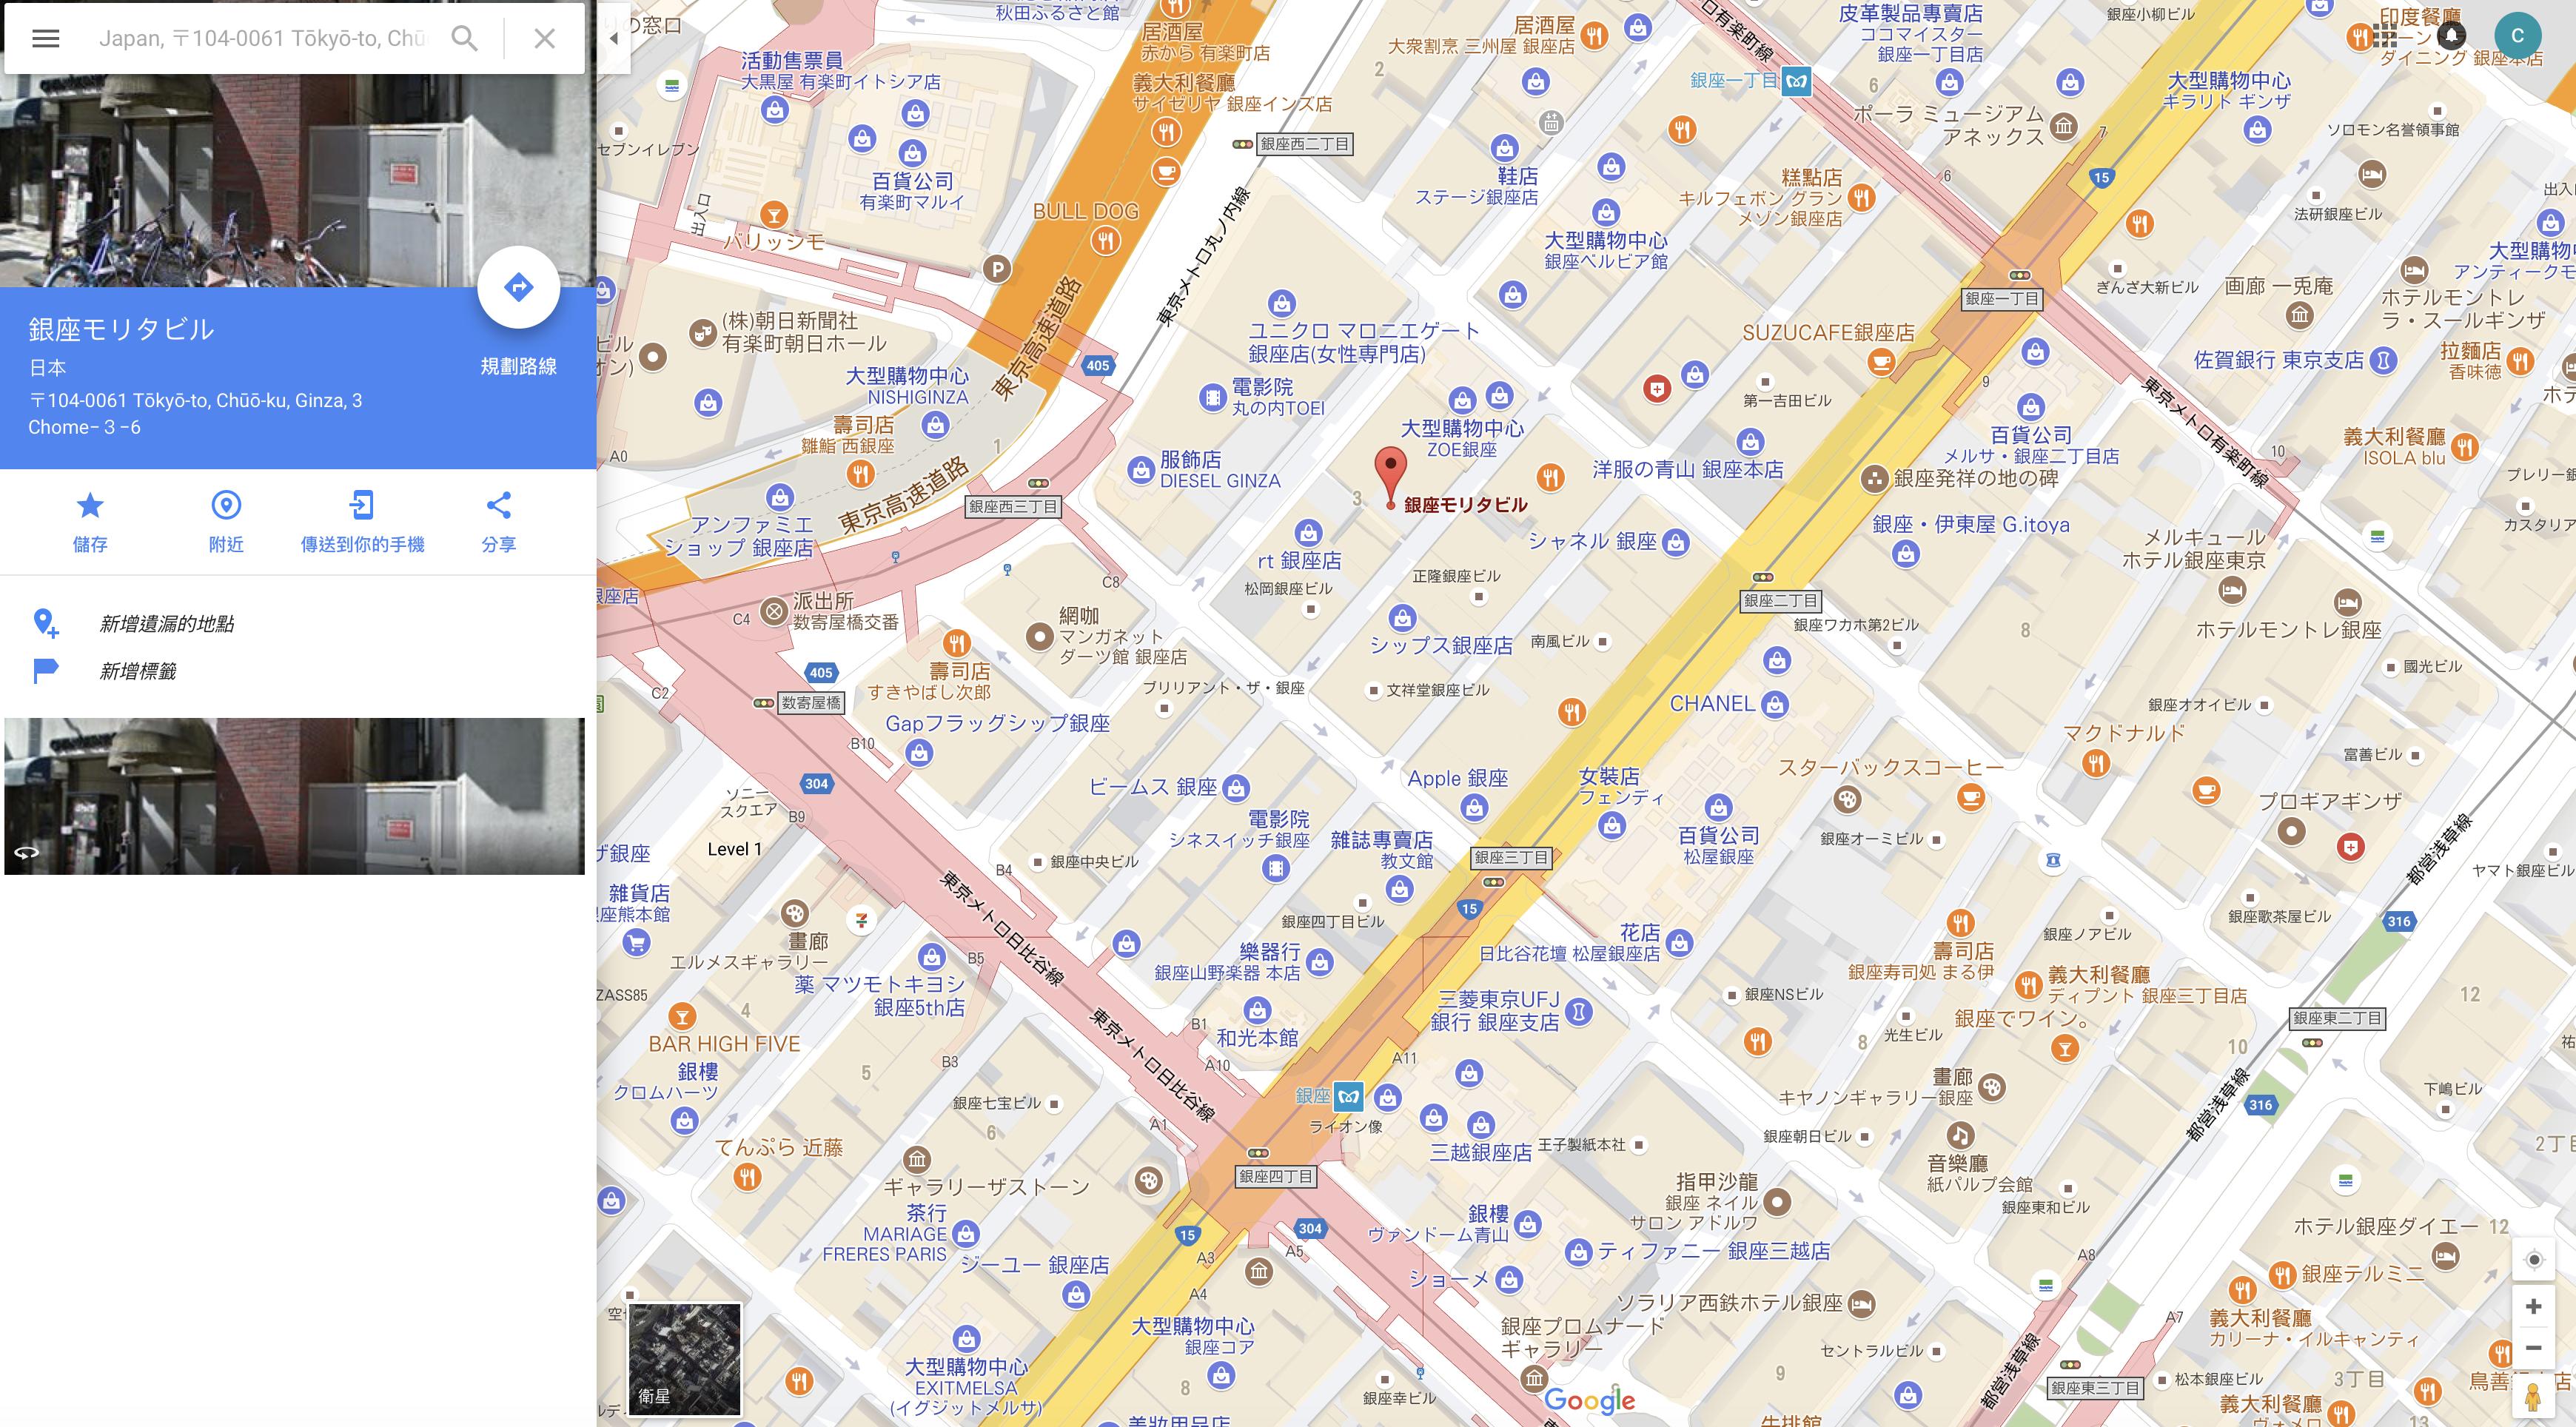 muji-flagship-map